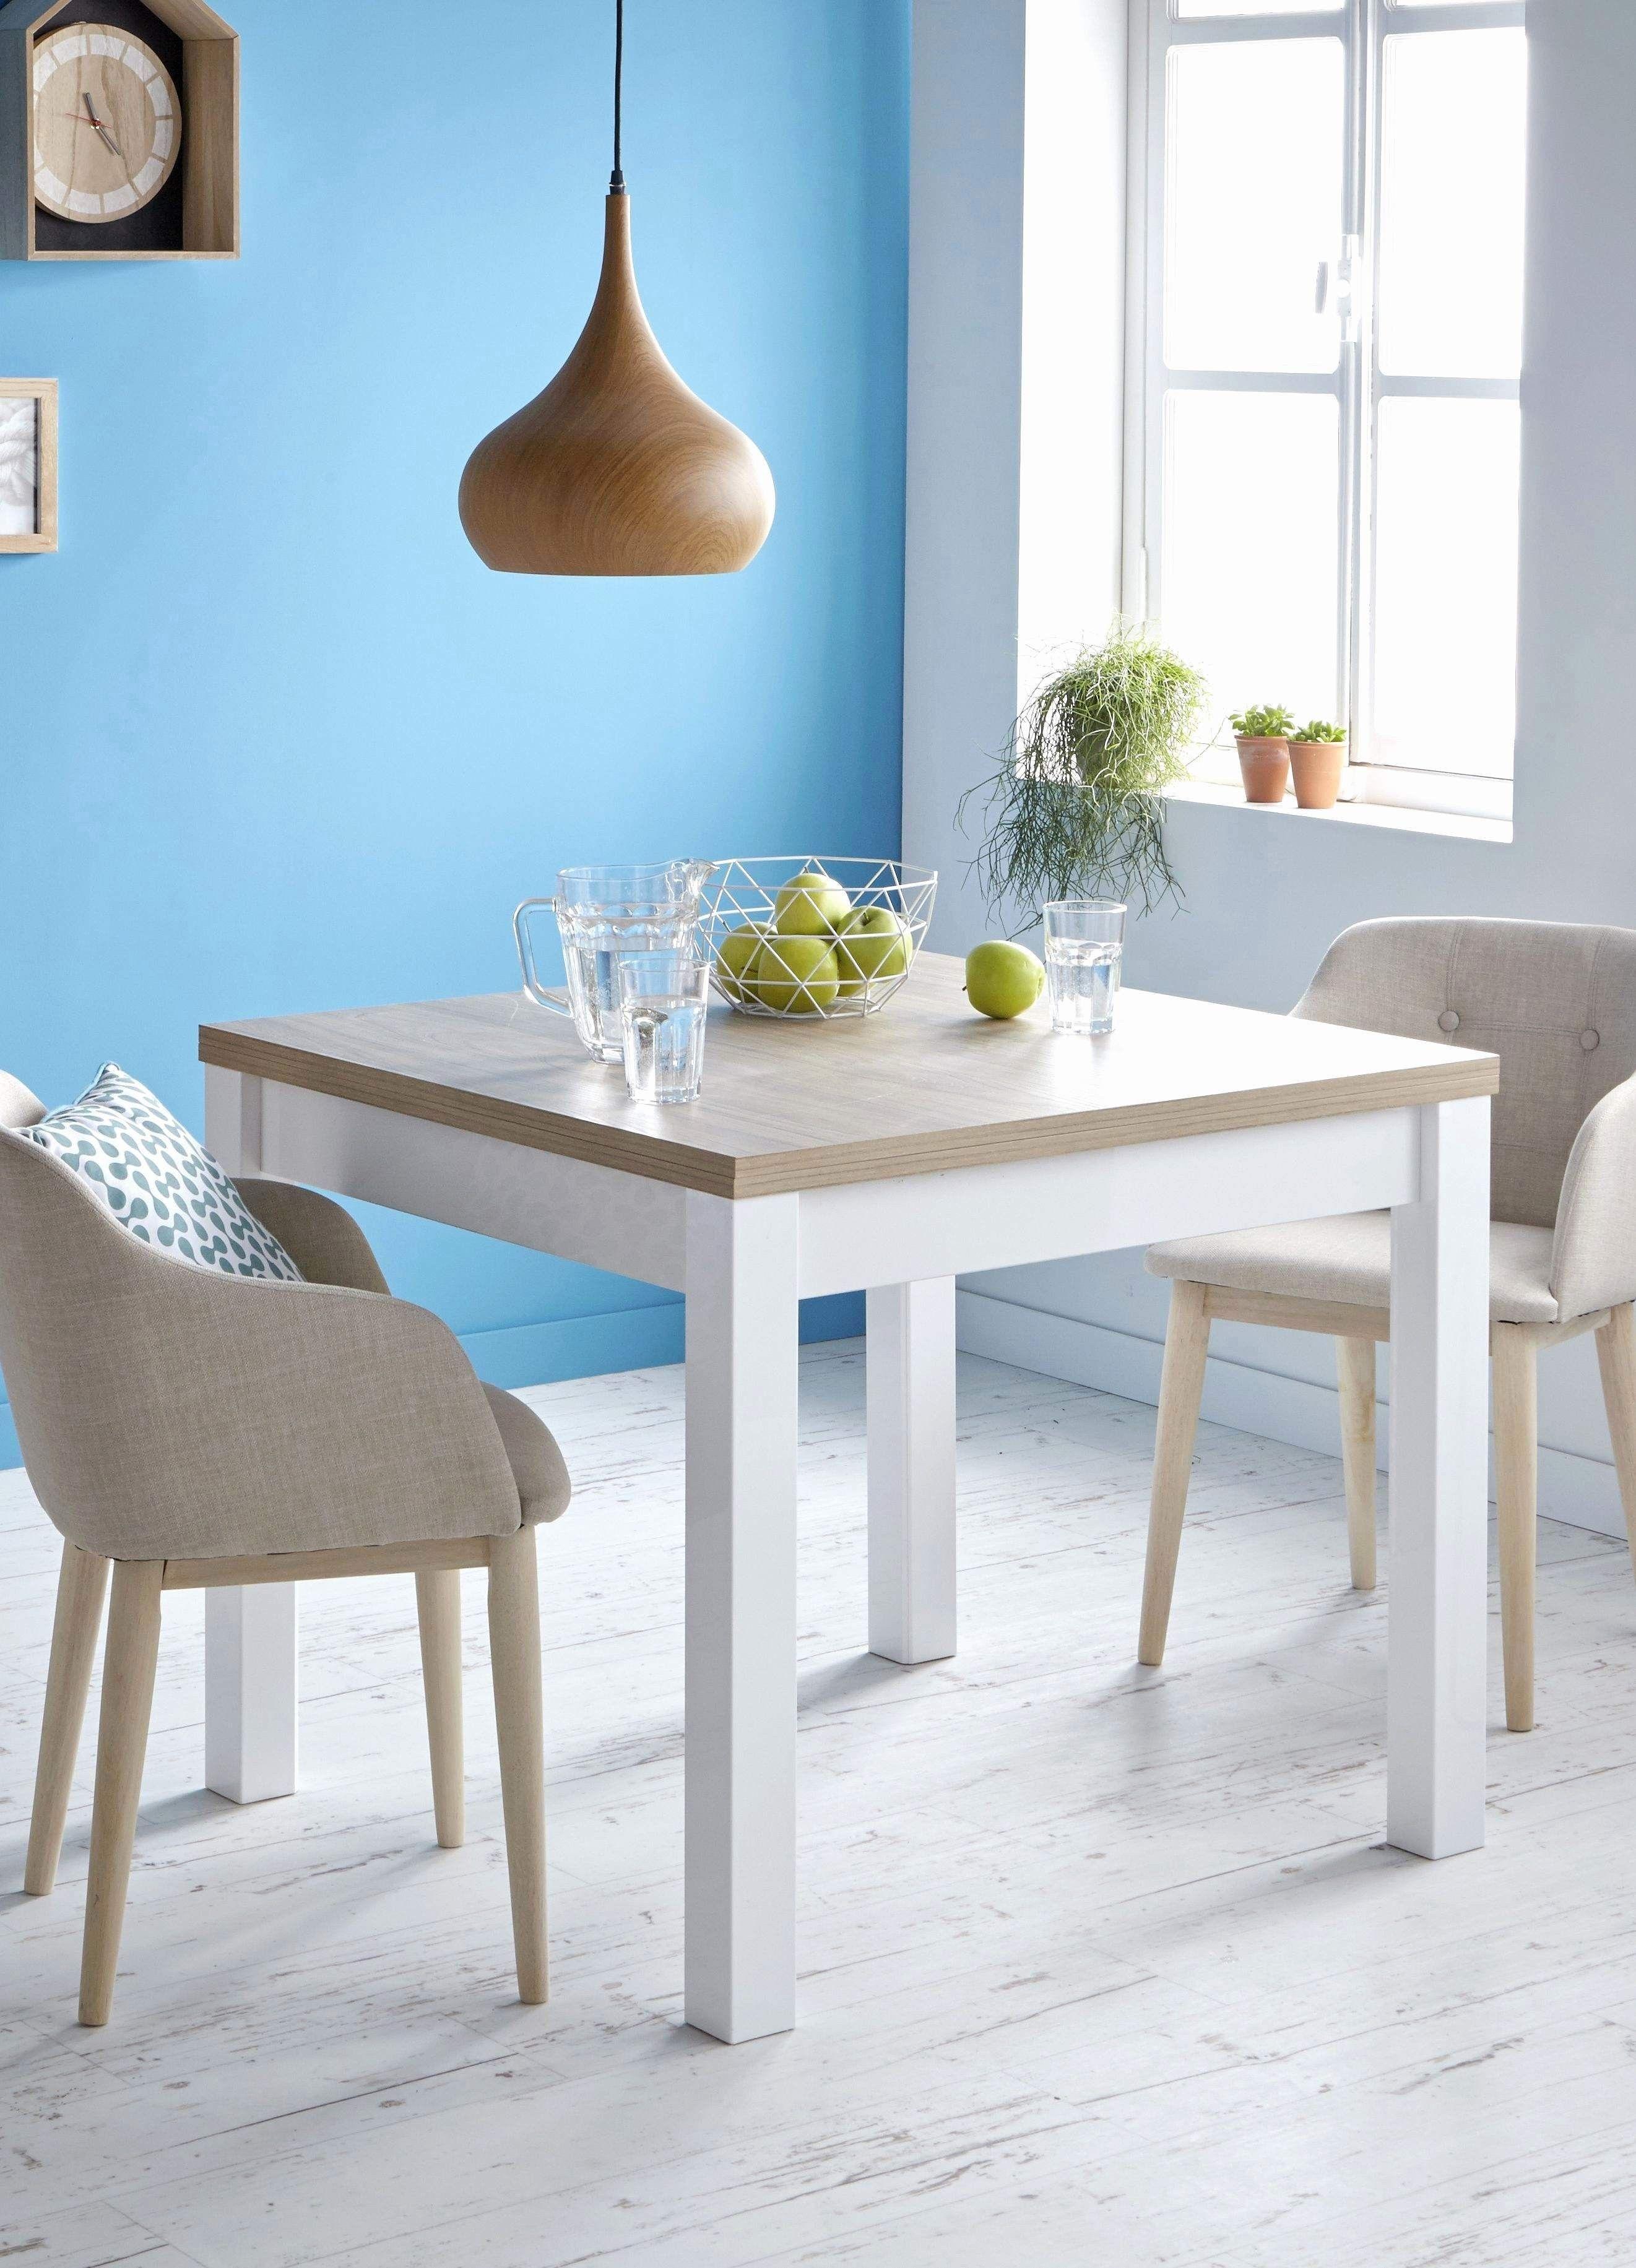 Elegant Ardoise Velleda Leclerc Unique Dining Room Table Dining Room Table Centerpieces Unique Dining Room